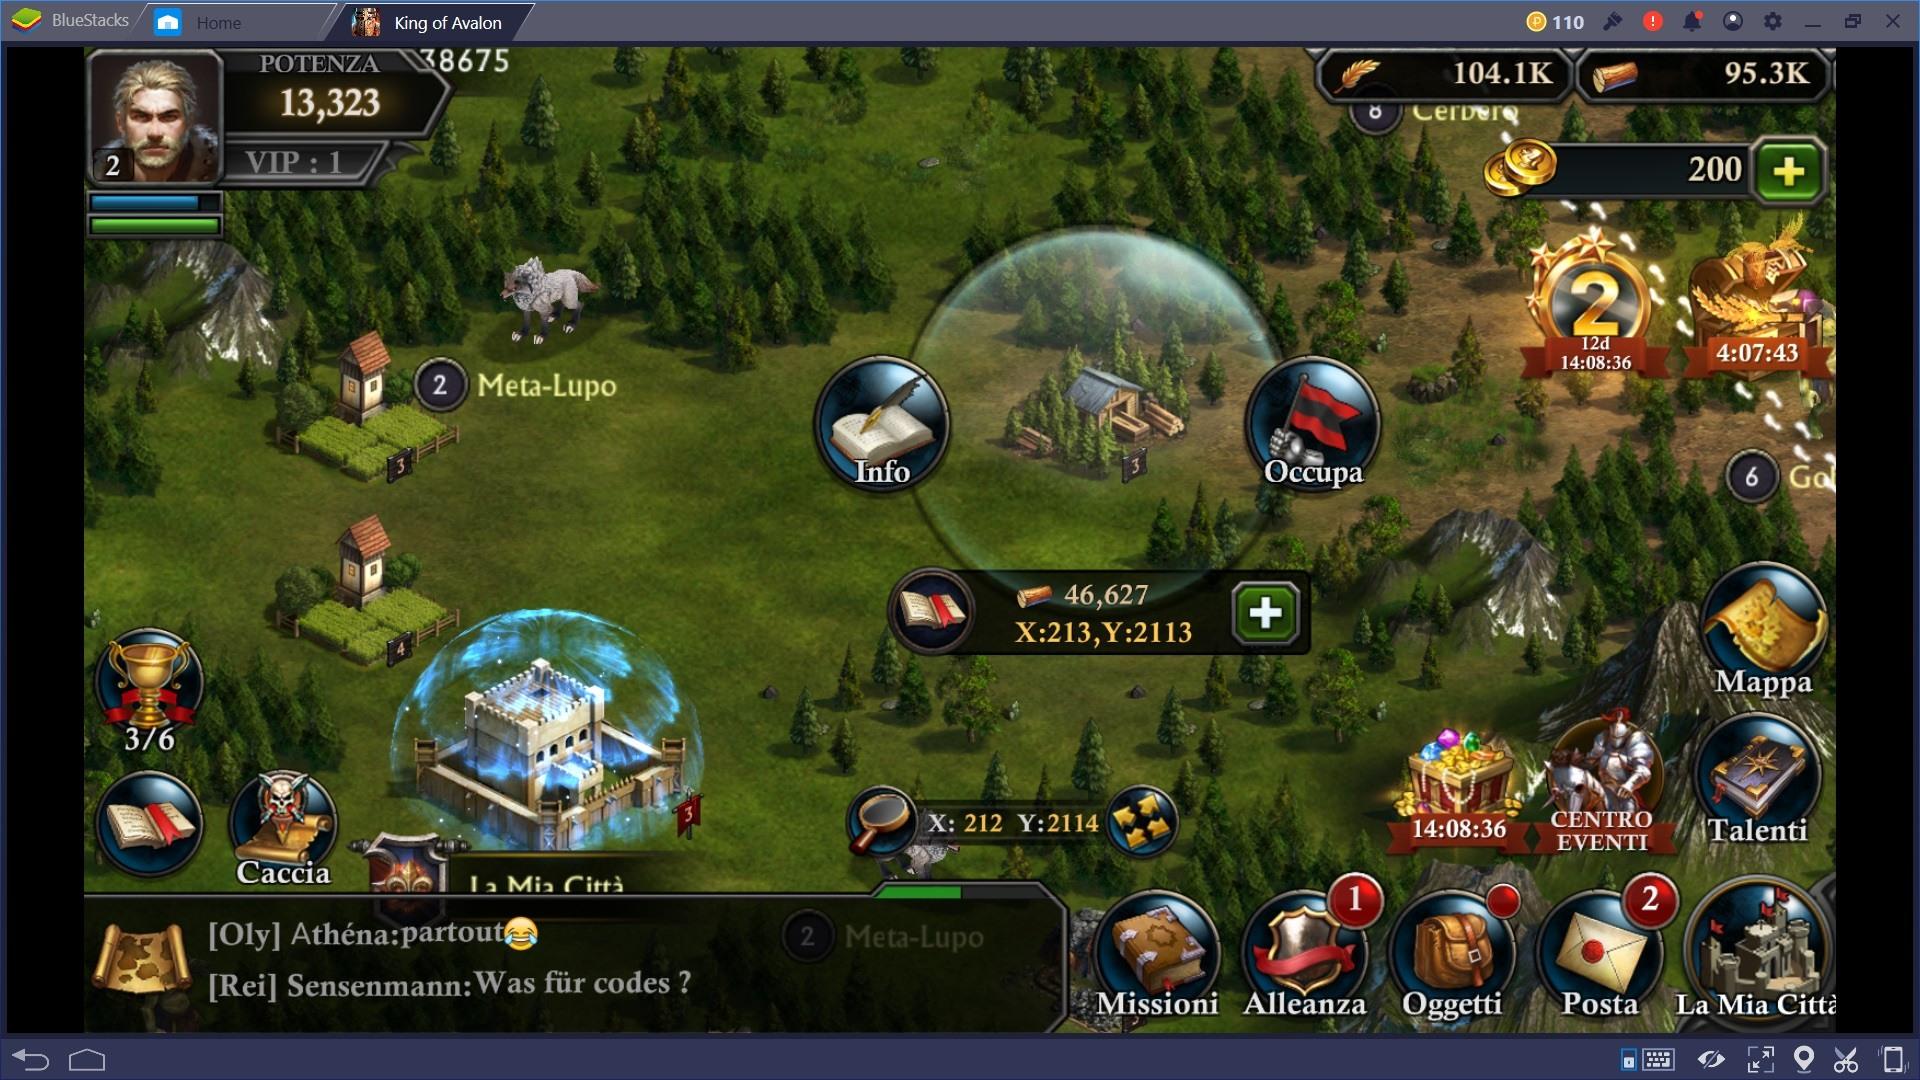 King of Avalon: come iniziare al meglio